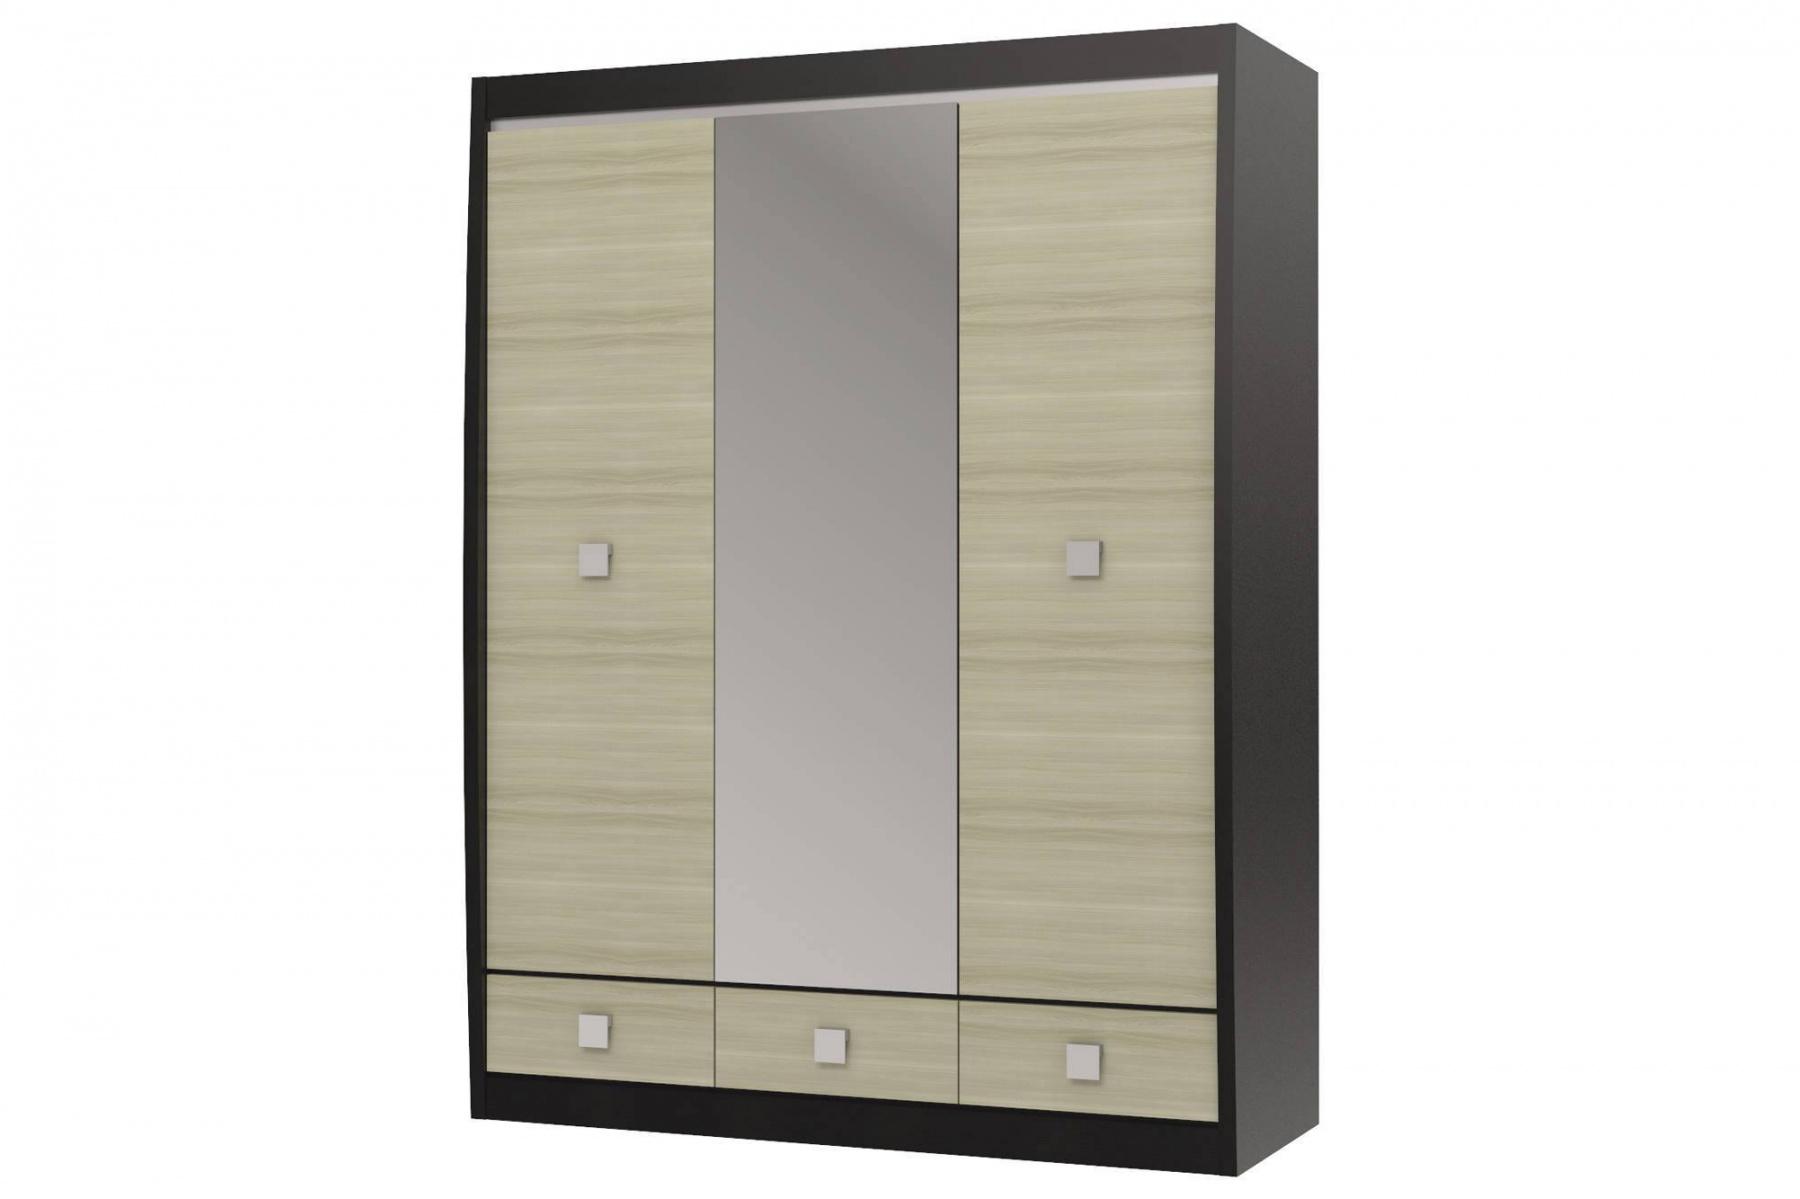 Шкаф с зеркалом 3-х дверный с 3-мя ящиками Ксено СТЛ.078.16 набор для пикника norfin vardo nfl 40106